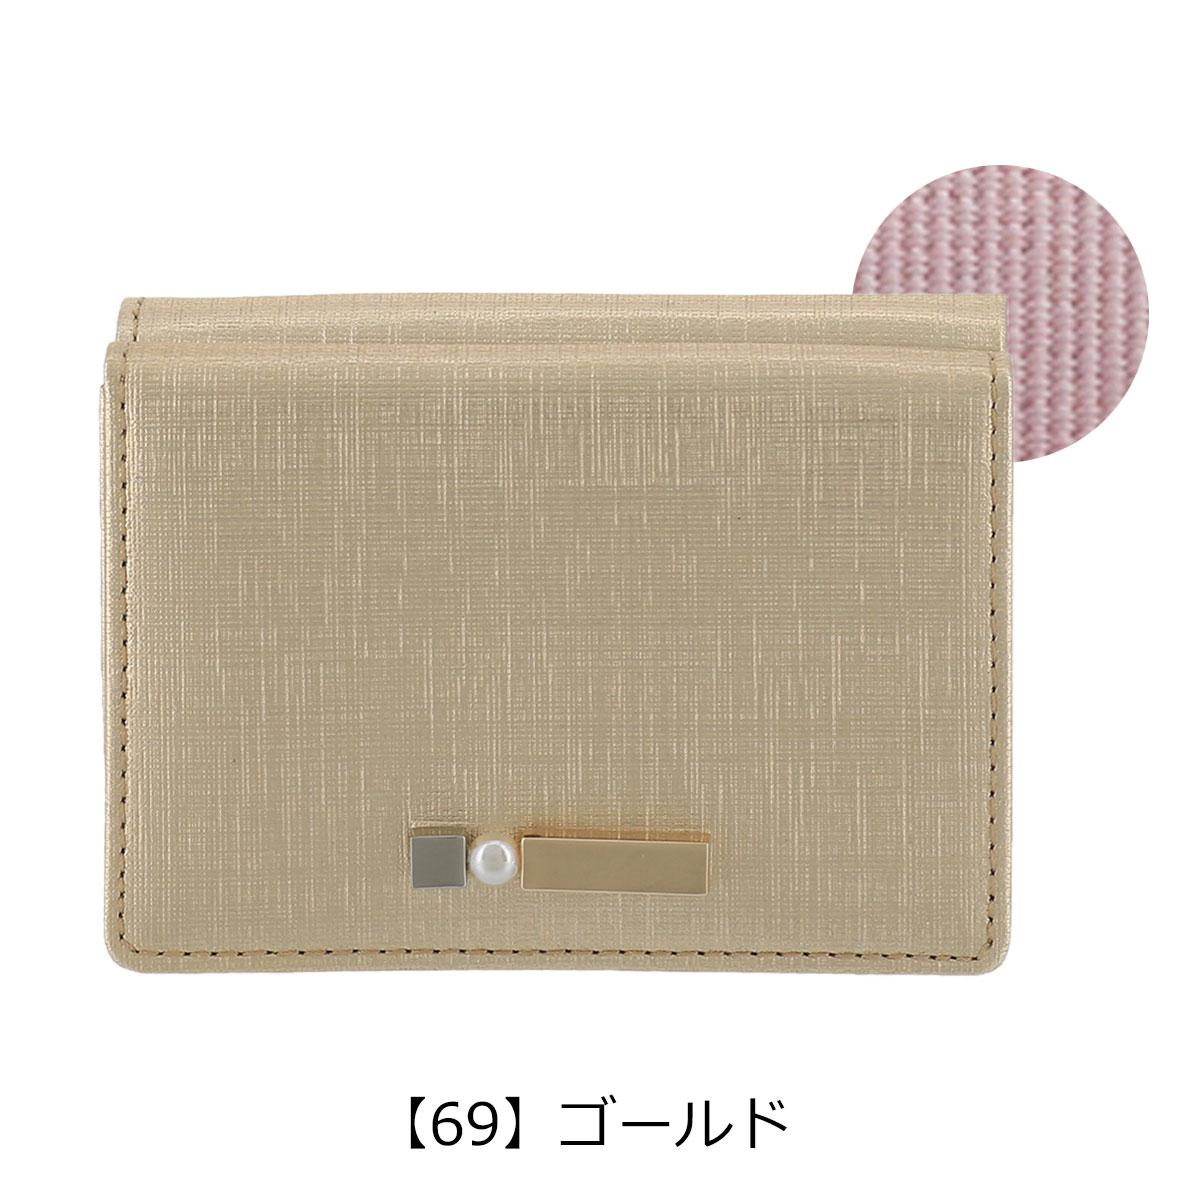 【69】ゴールド